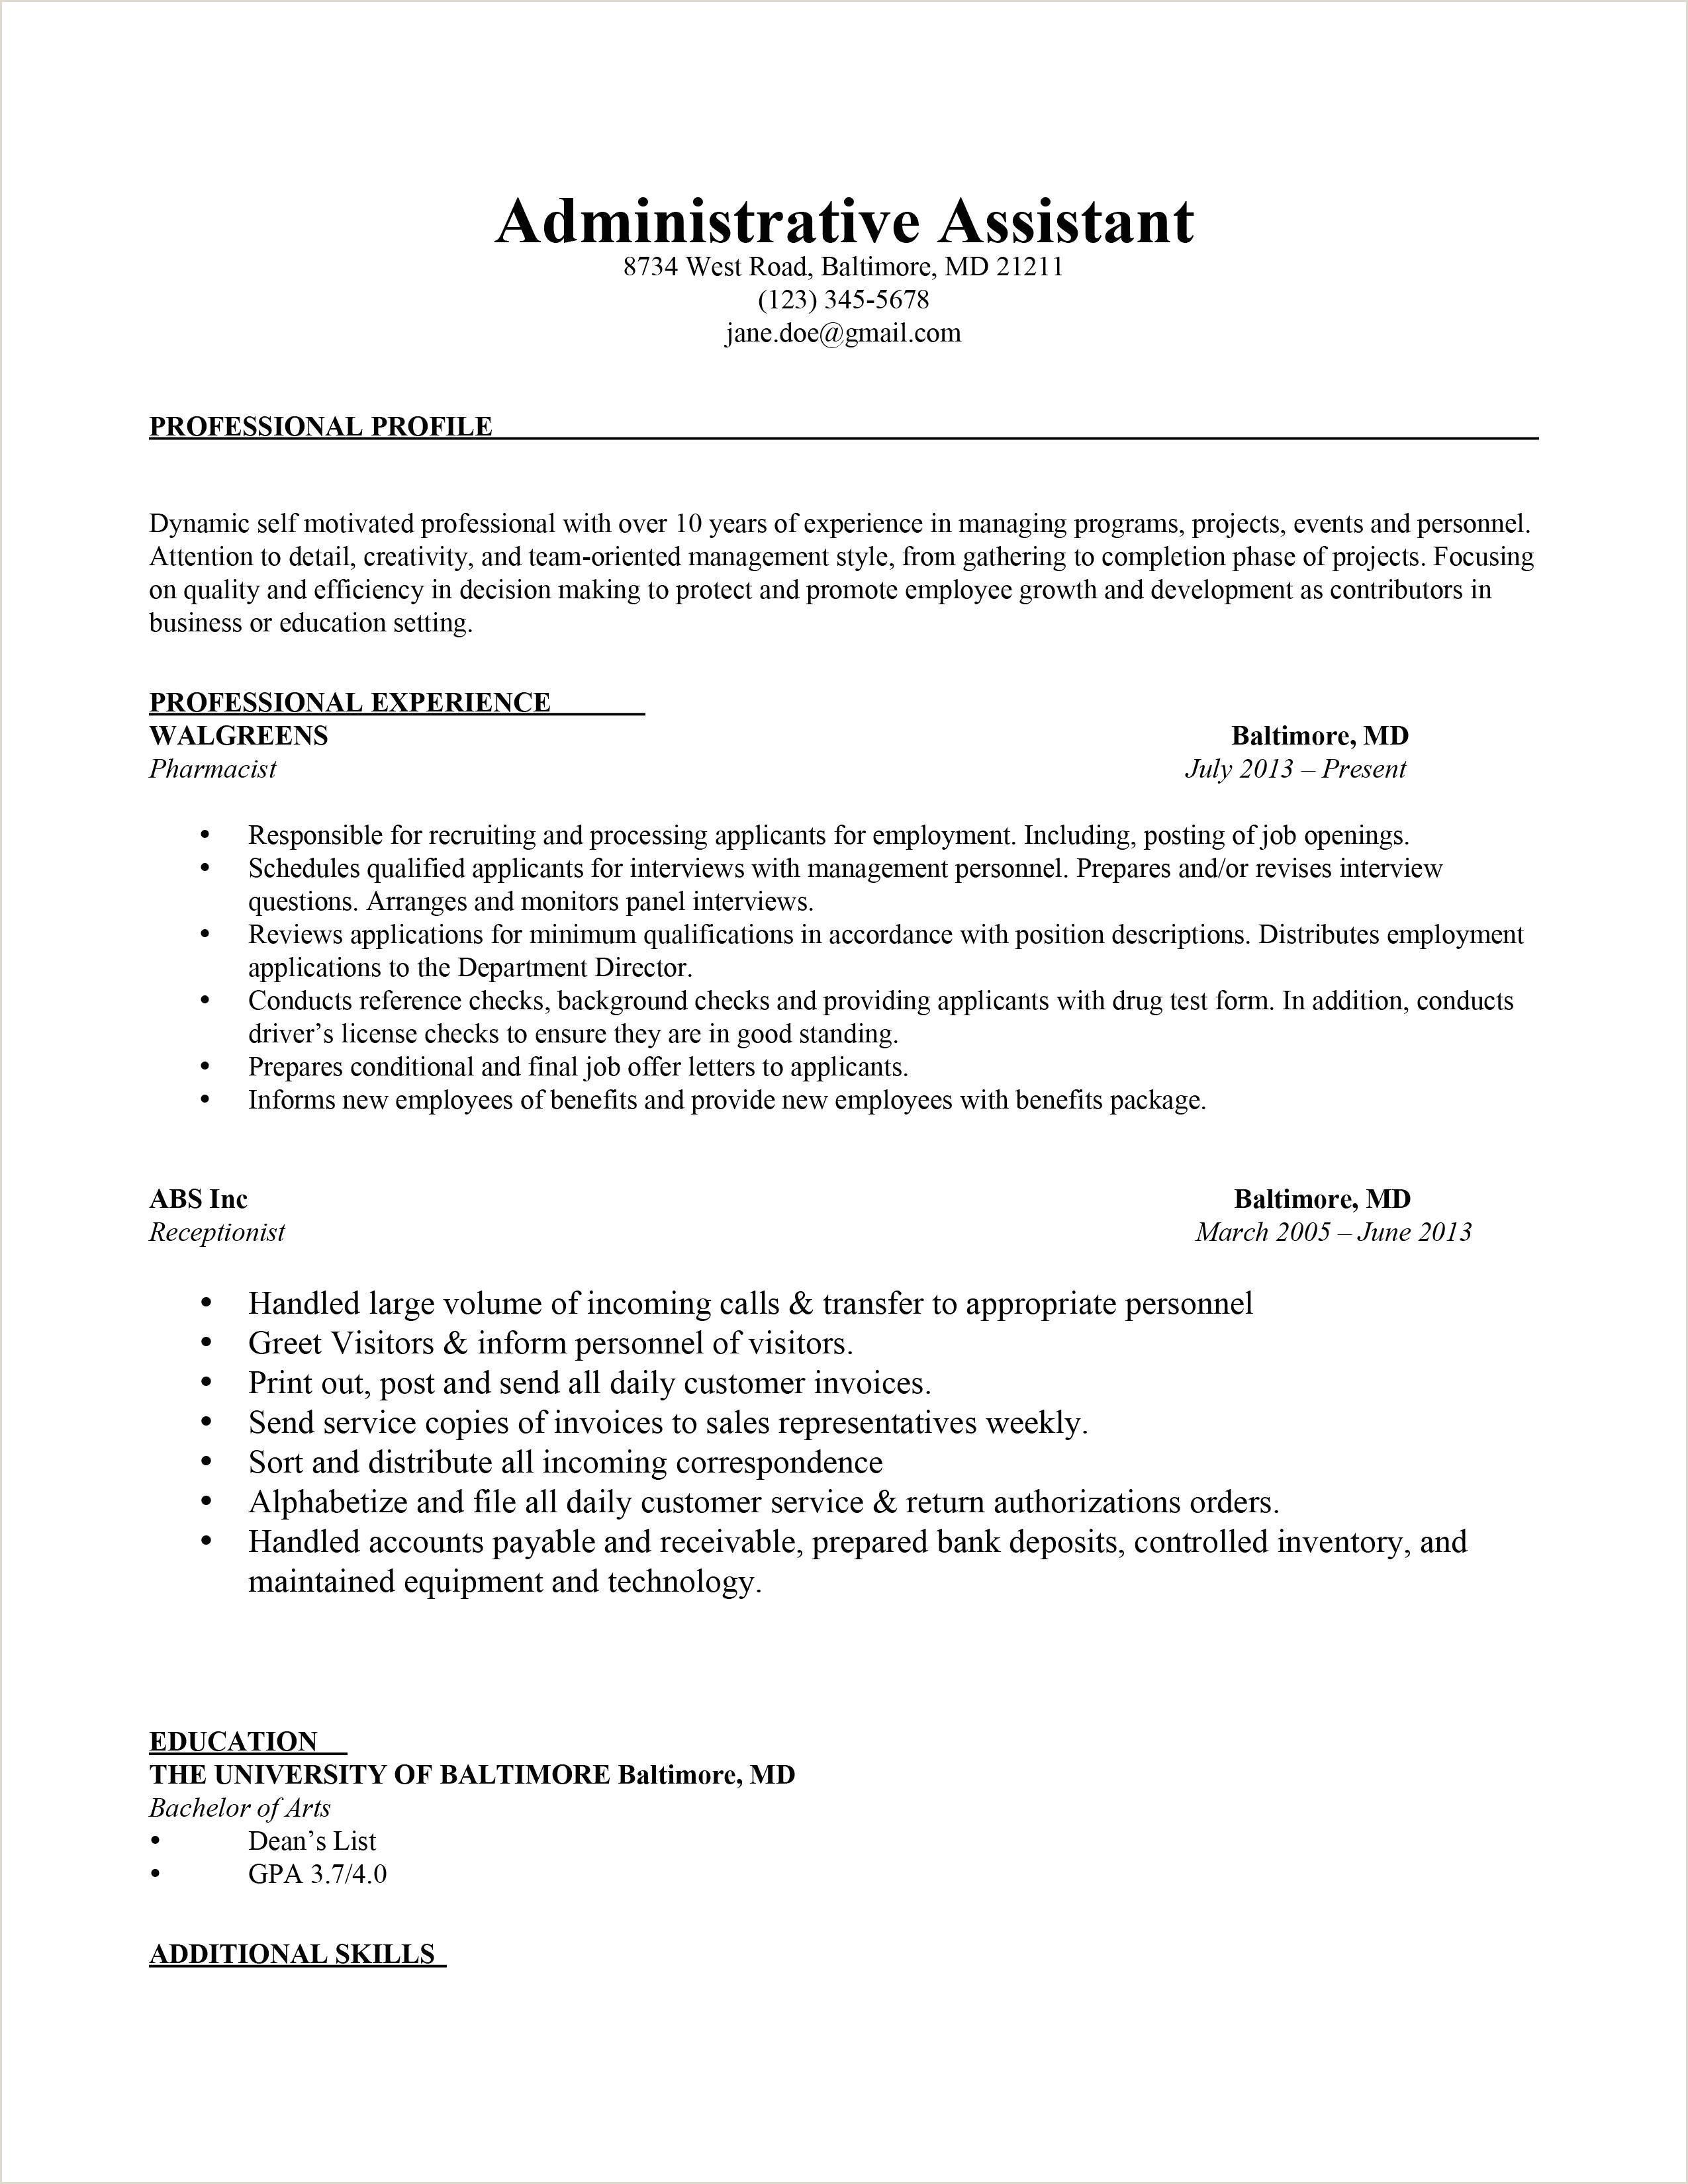 Pharmacist Cover Letter Sample New Resume Samples event